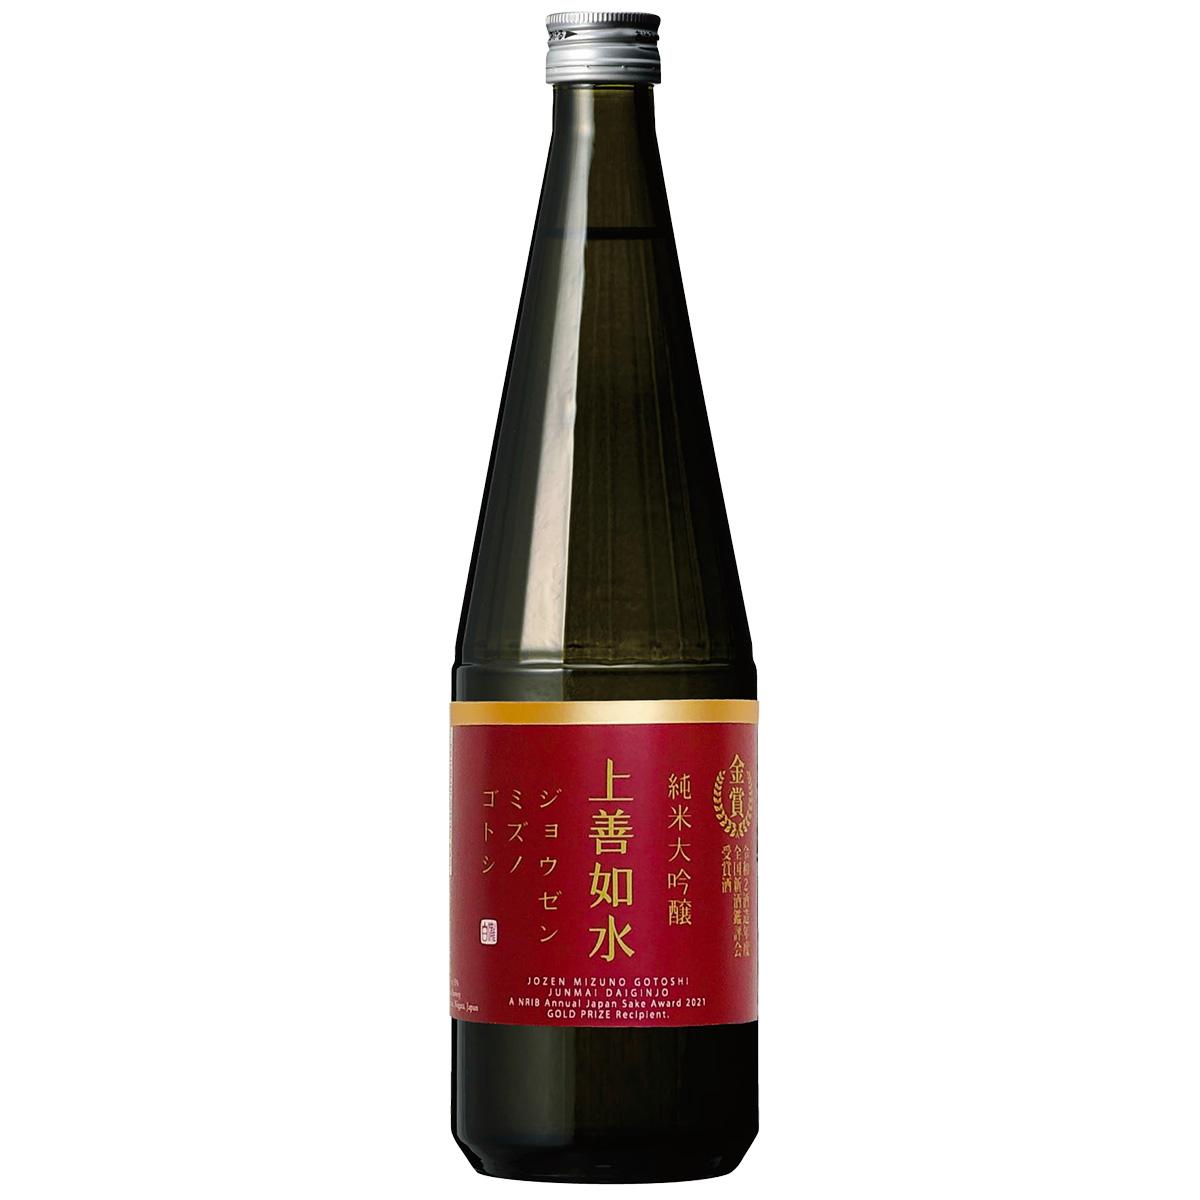 【限定酒】 上善如水 純米大吟醸 金賞受賞酒 720ml